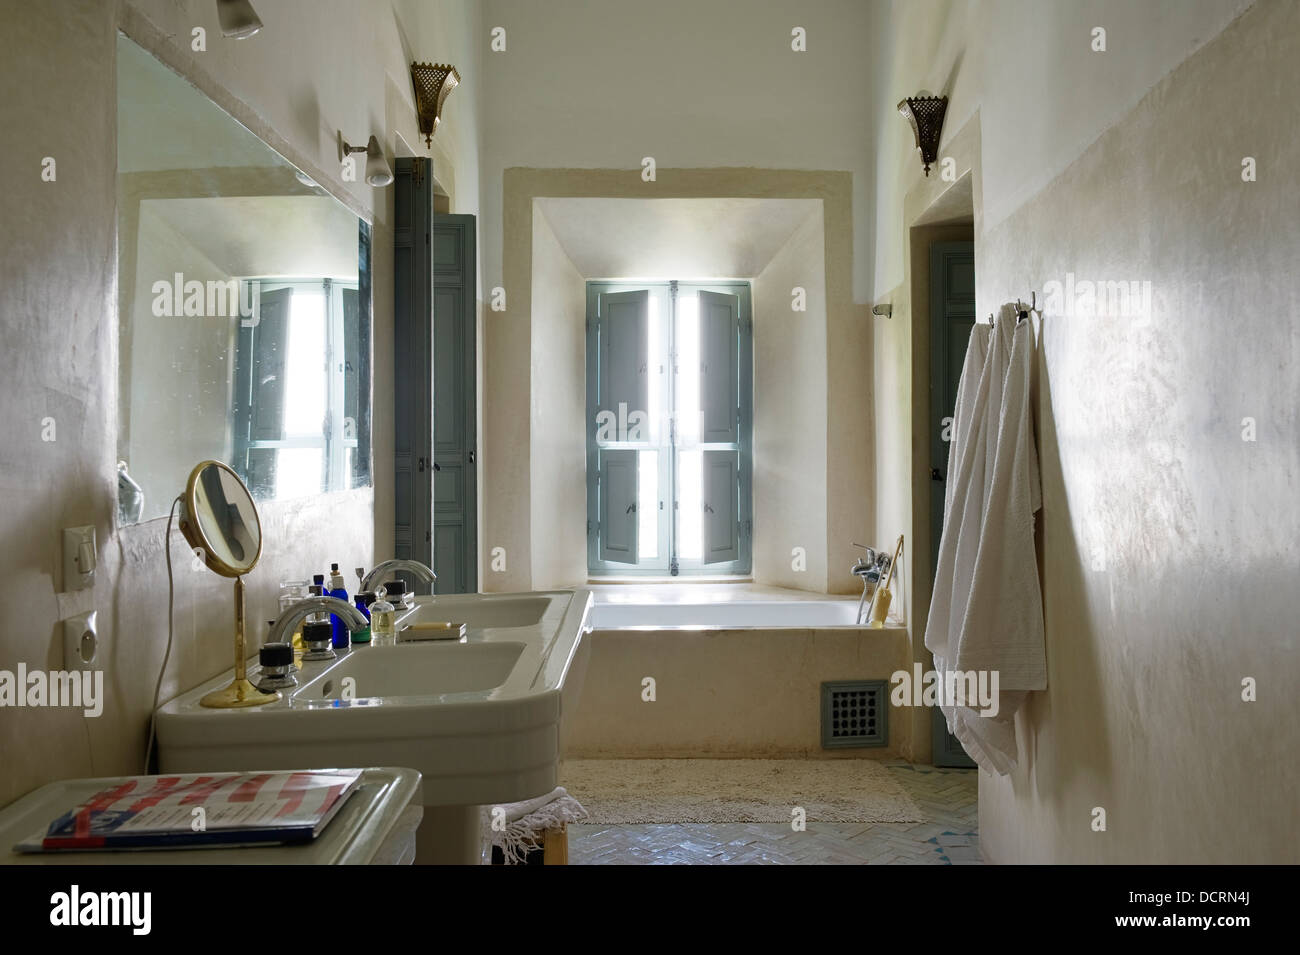 Marokkanischen Stil Badezimmer mit Licht blau Pastell Fensterläden ...